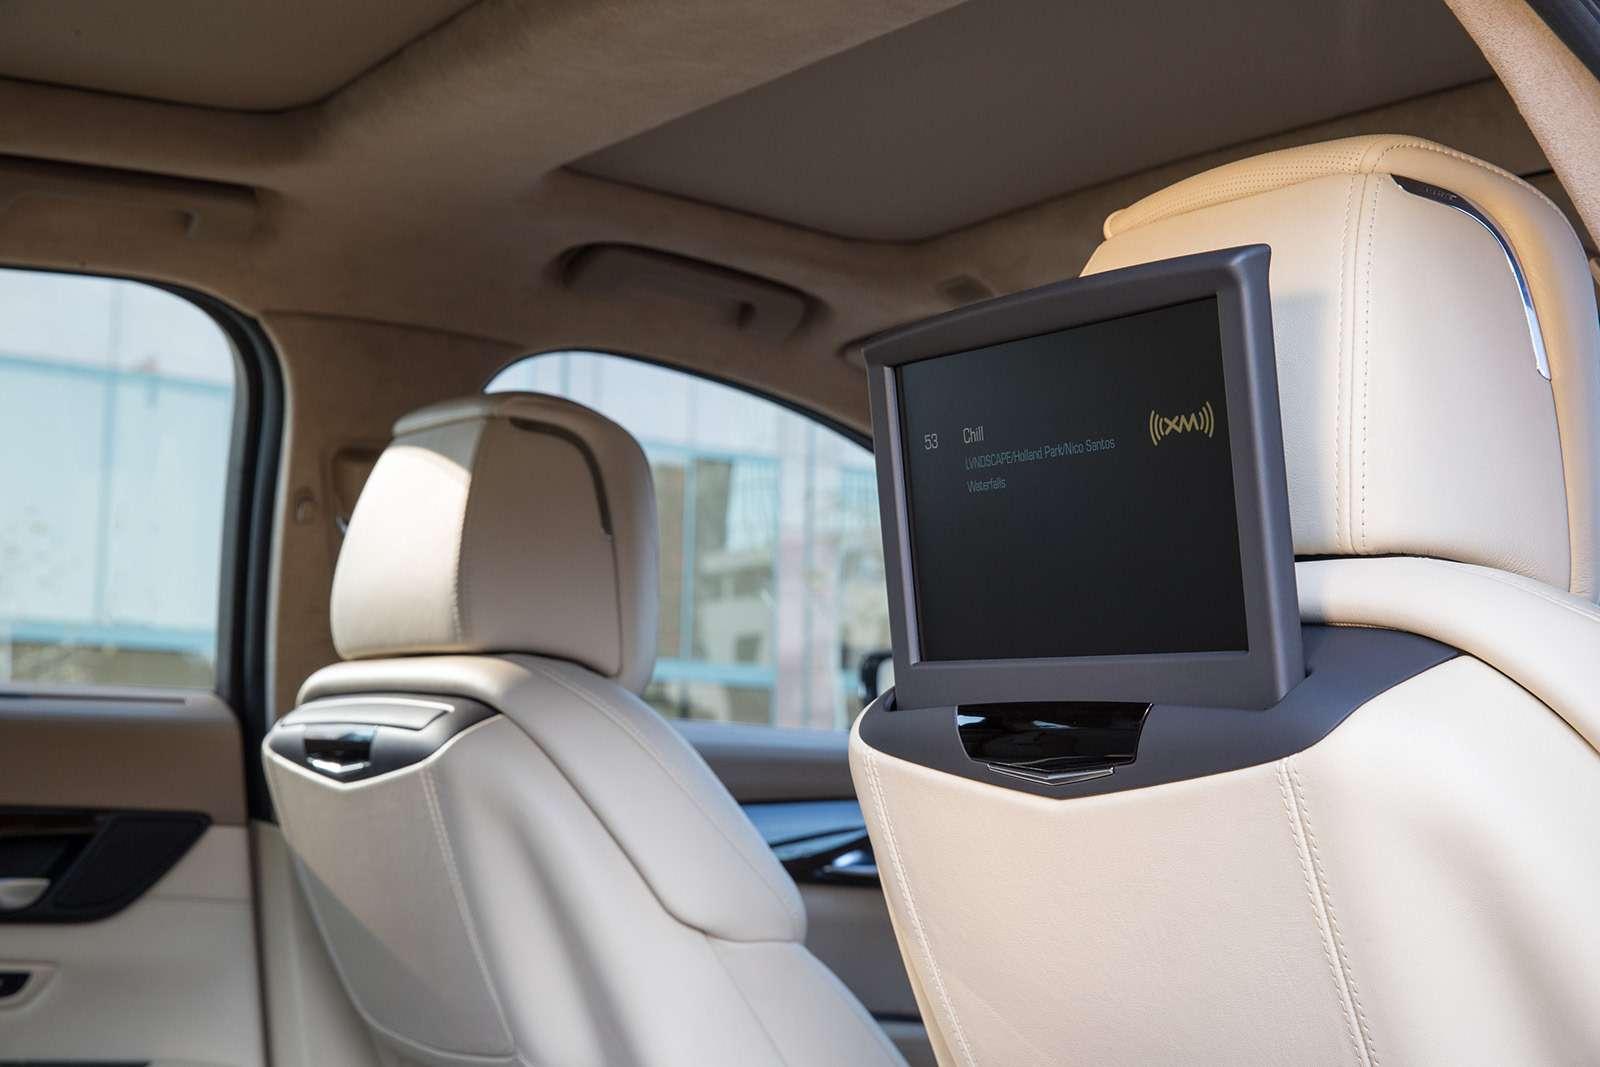 Флагманский седан Cadillac: цены икомплектации вРоссии— фото 823432